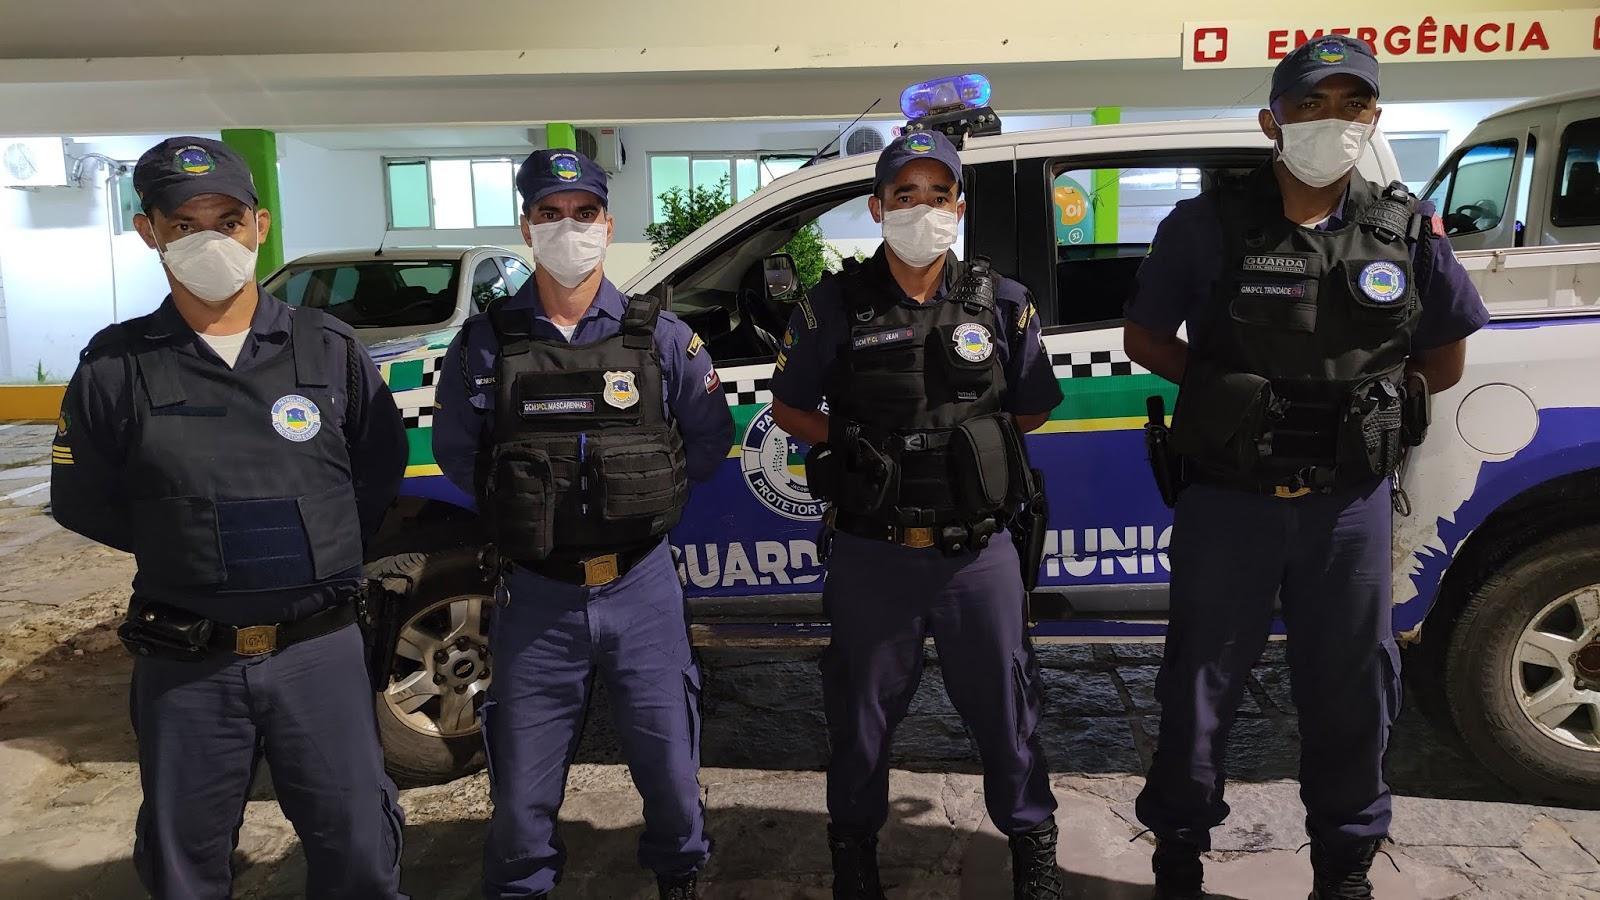 Segurança Pública: Guarda Civil Municipal de Jacobina informa novos números de contato para este fim de semana